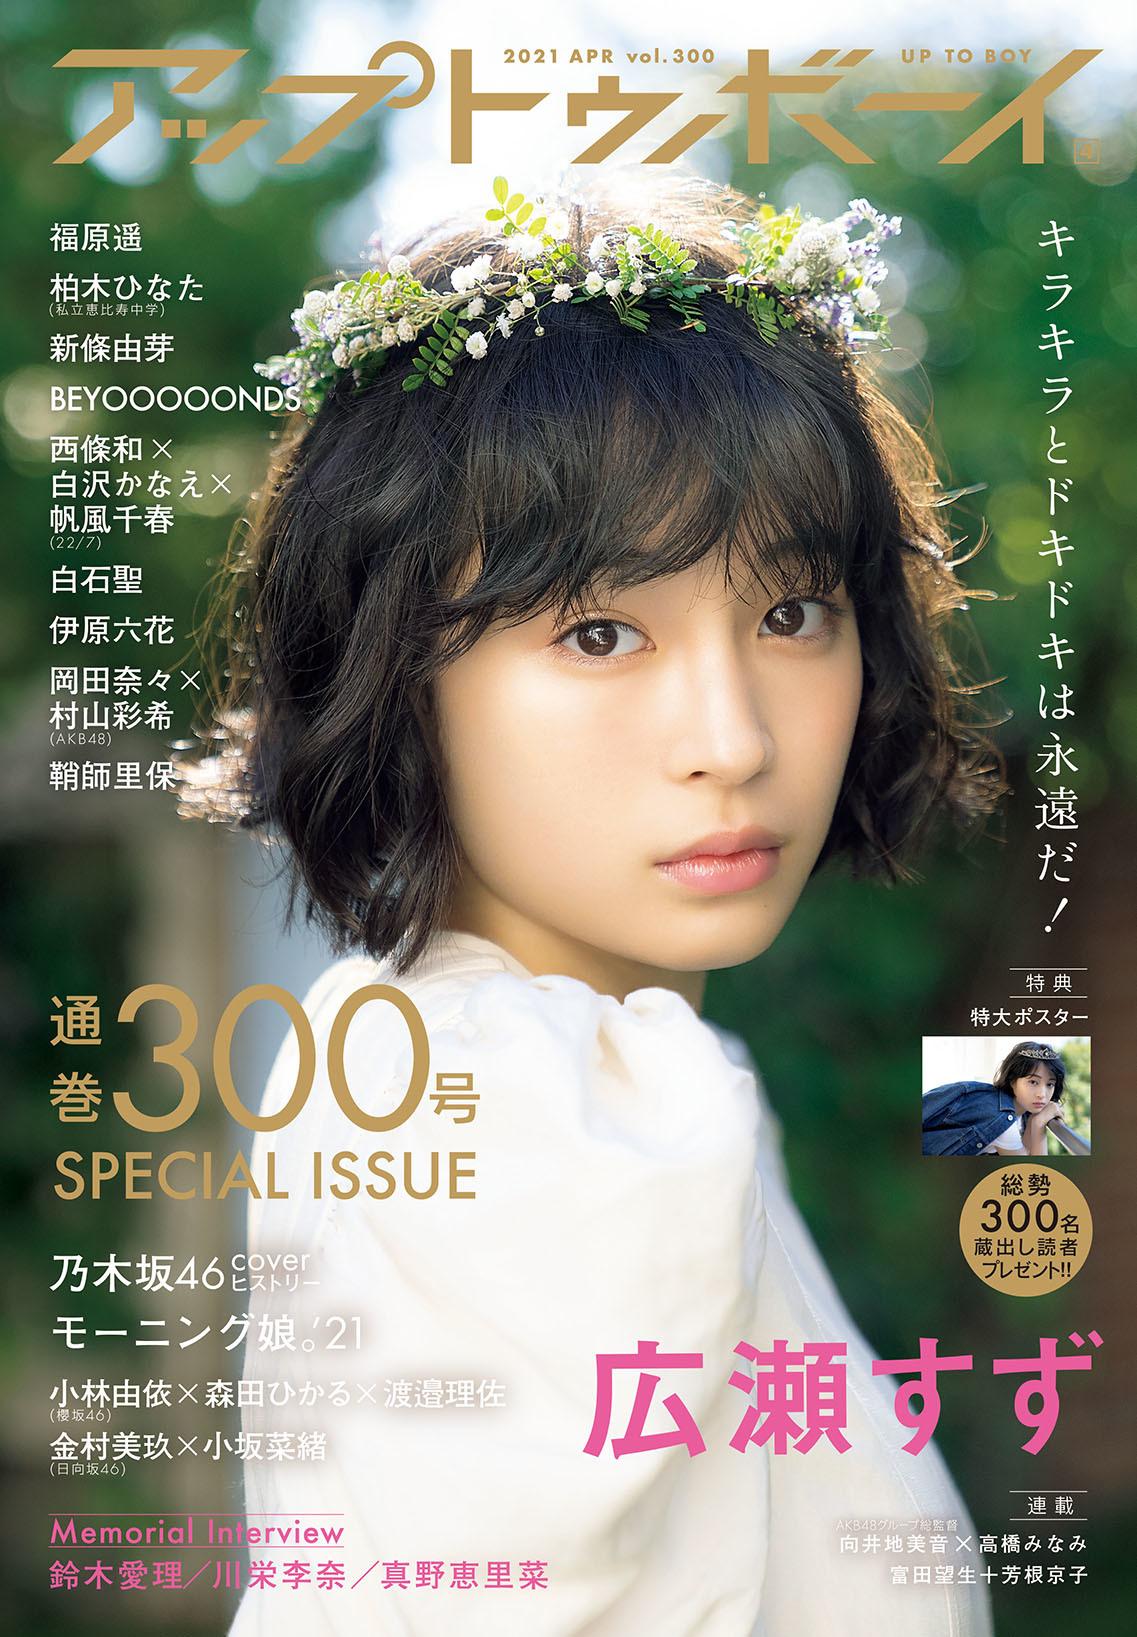 『アップトゥボーイ vol.300』表紙